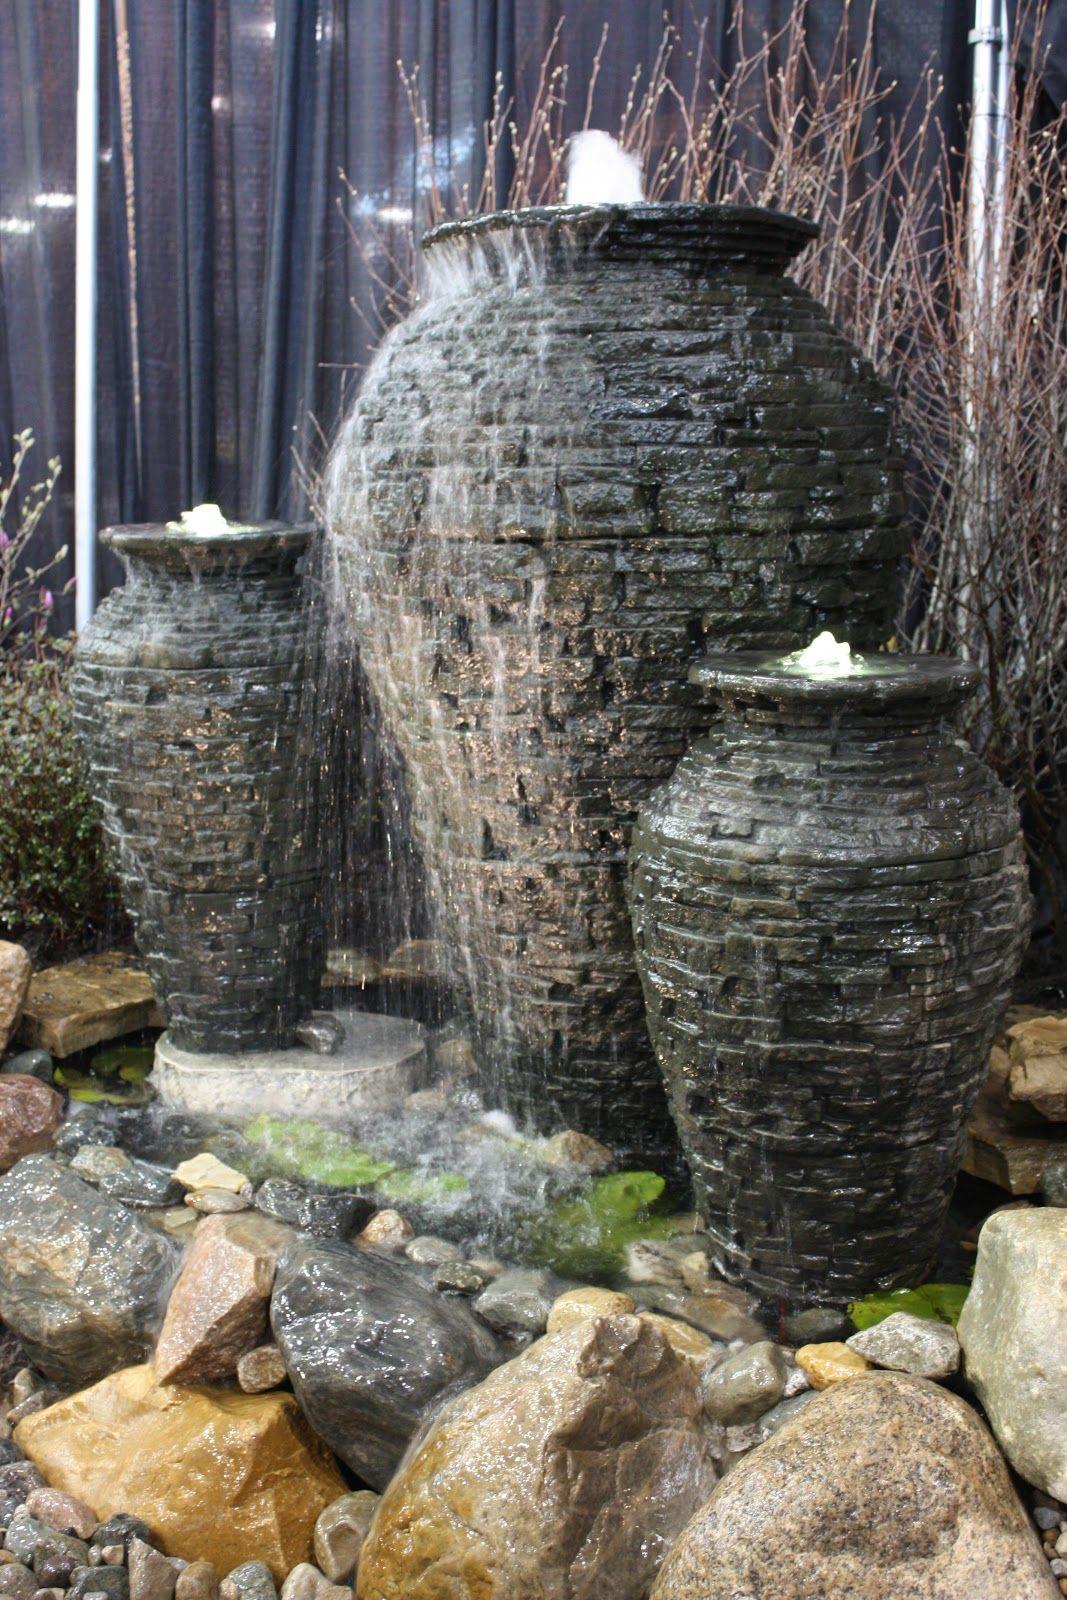 Garden Thyme with the Creative Gardener More